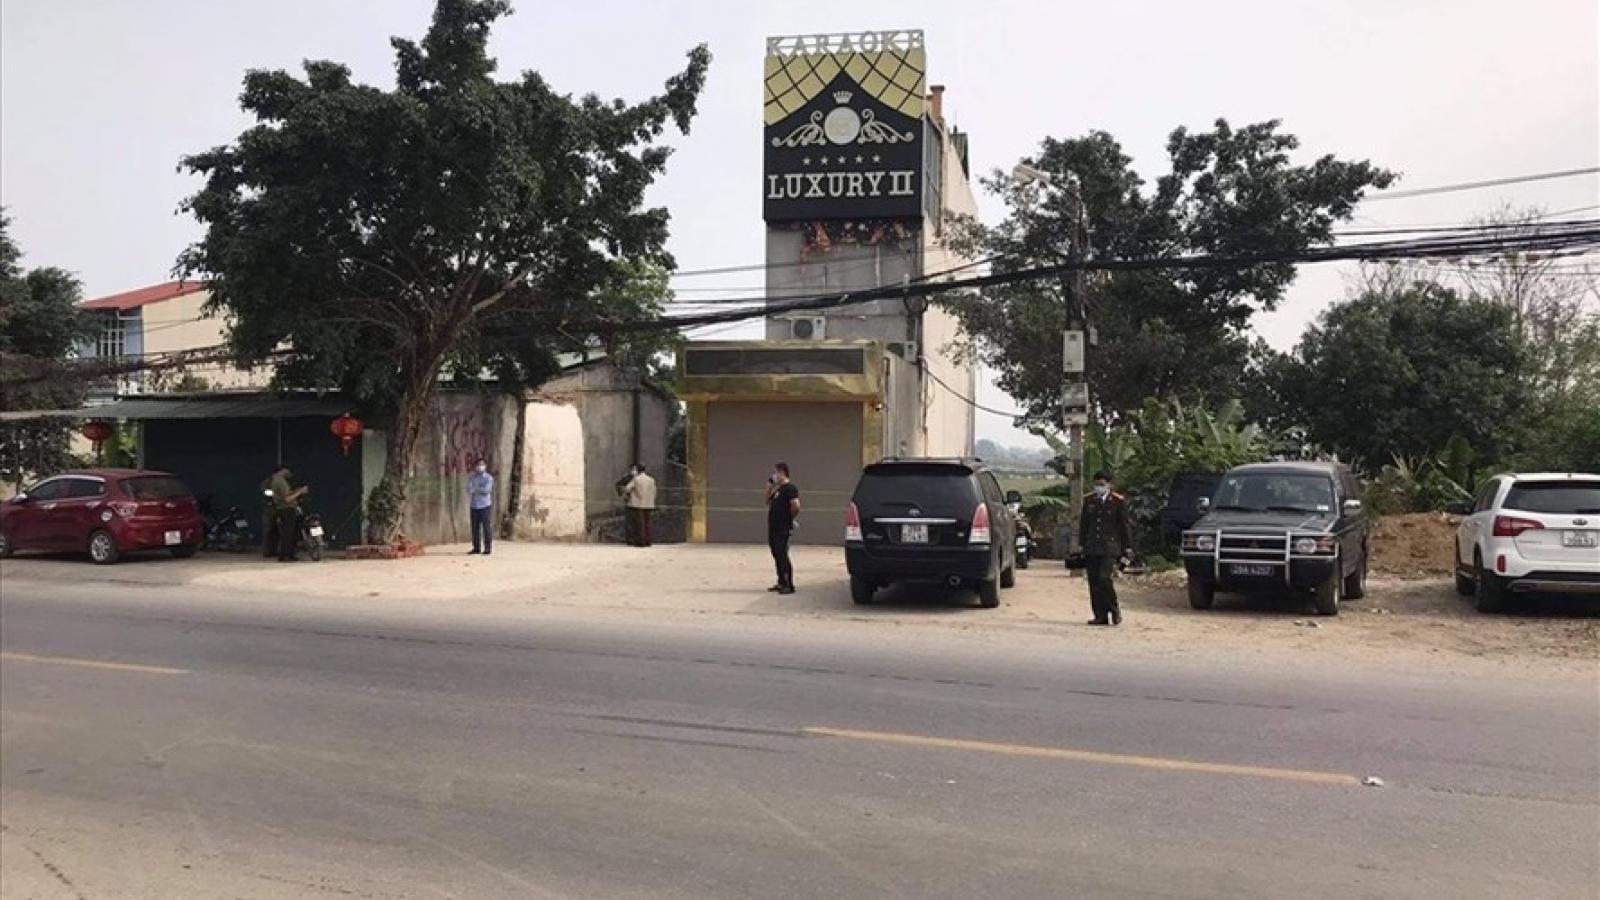 Vụ án mạng 3 người tử vong tại Hòa Bình: Nạn nhân và nghi phạm không mâu thuẫn